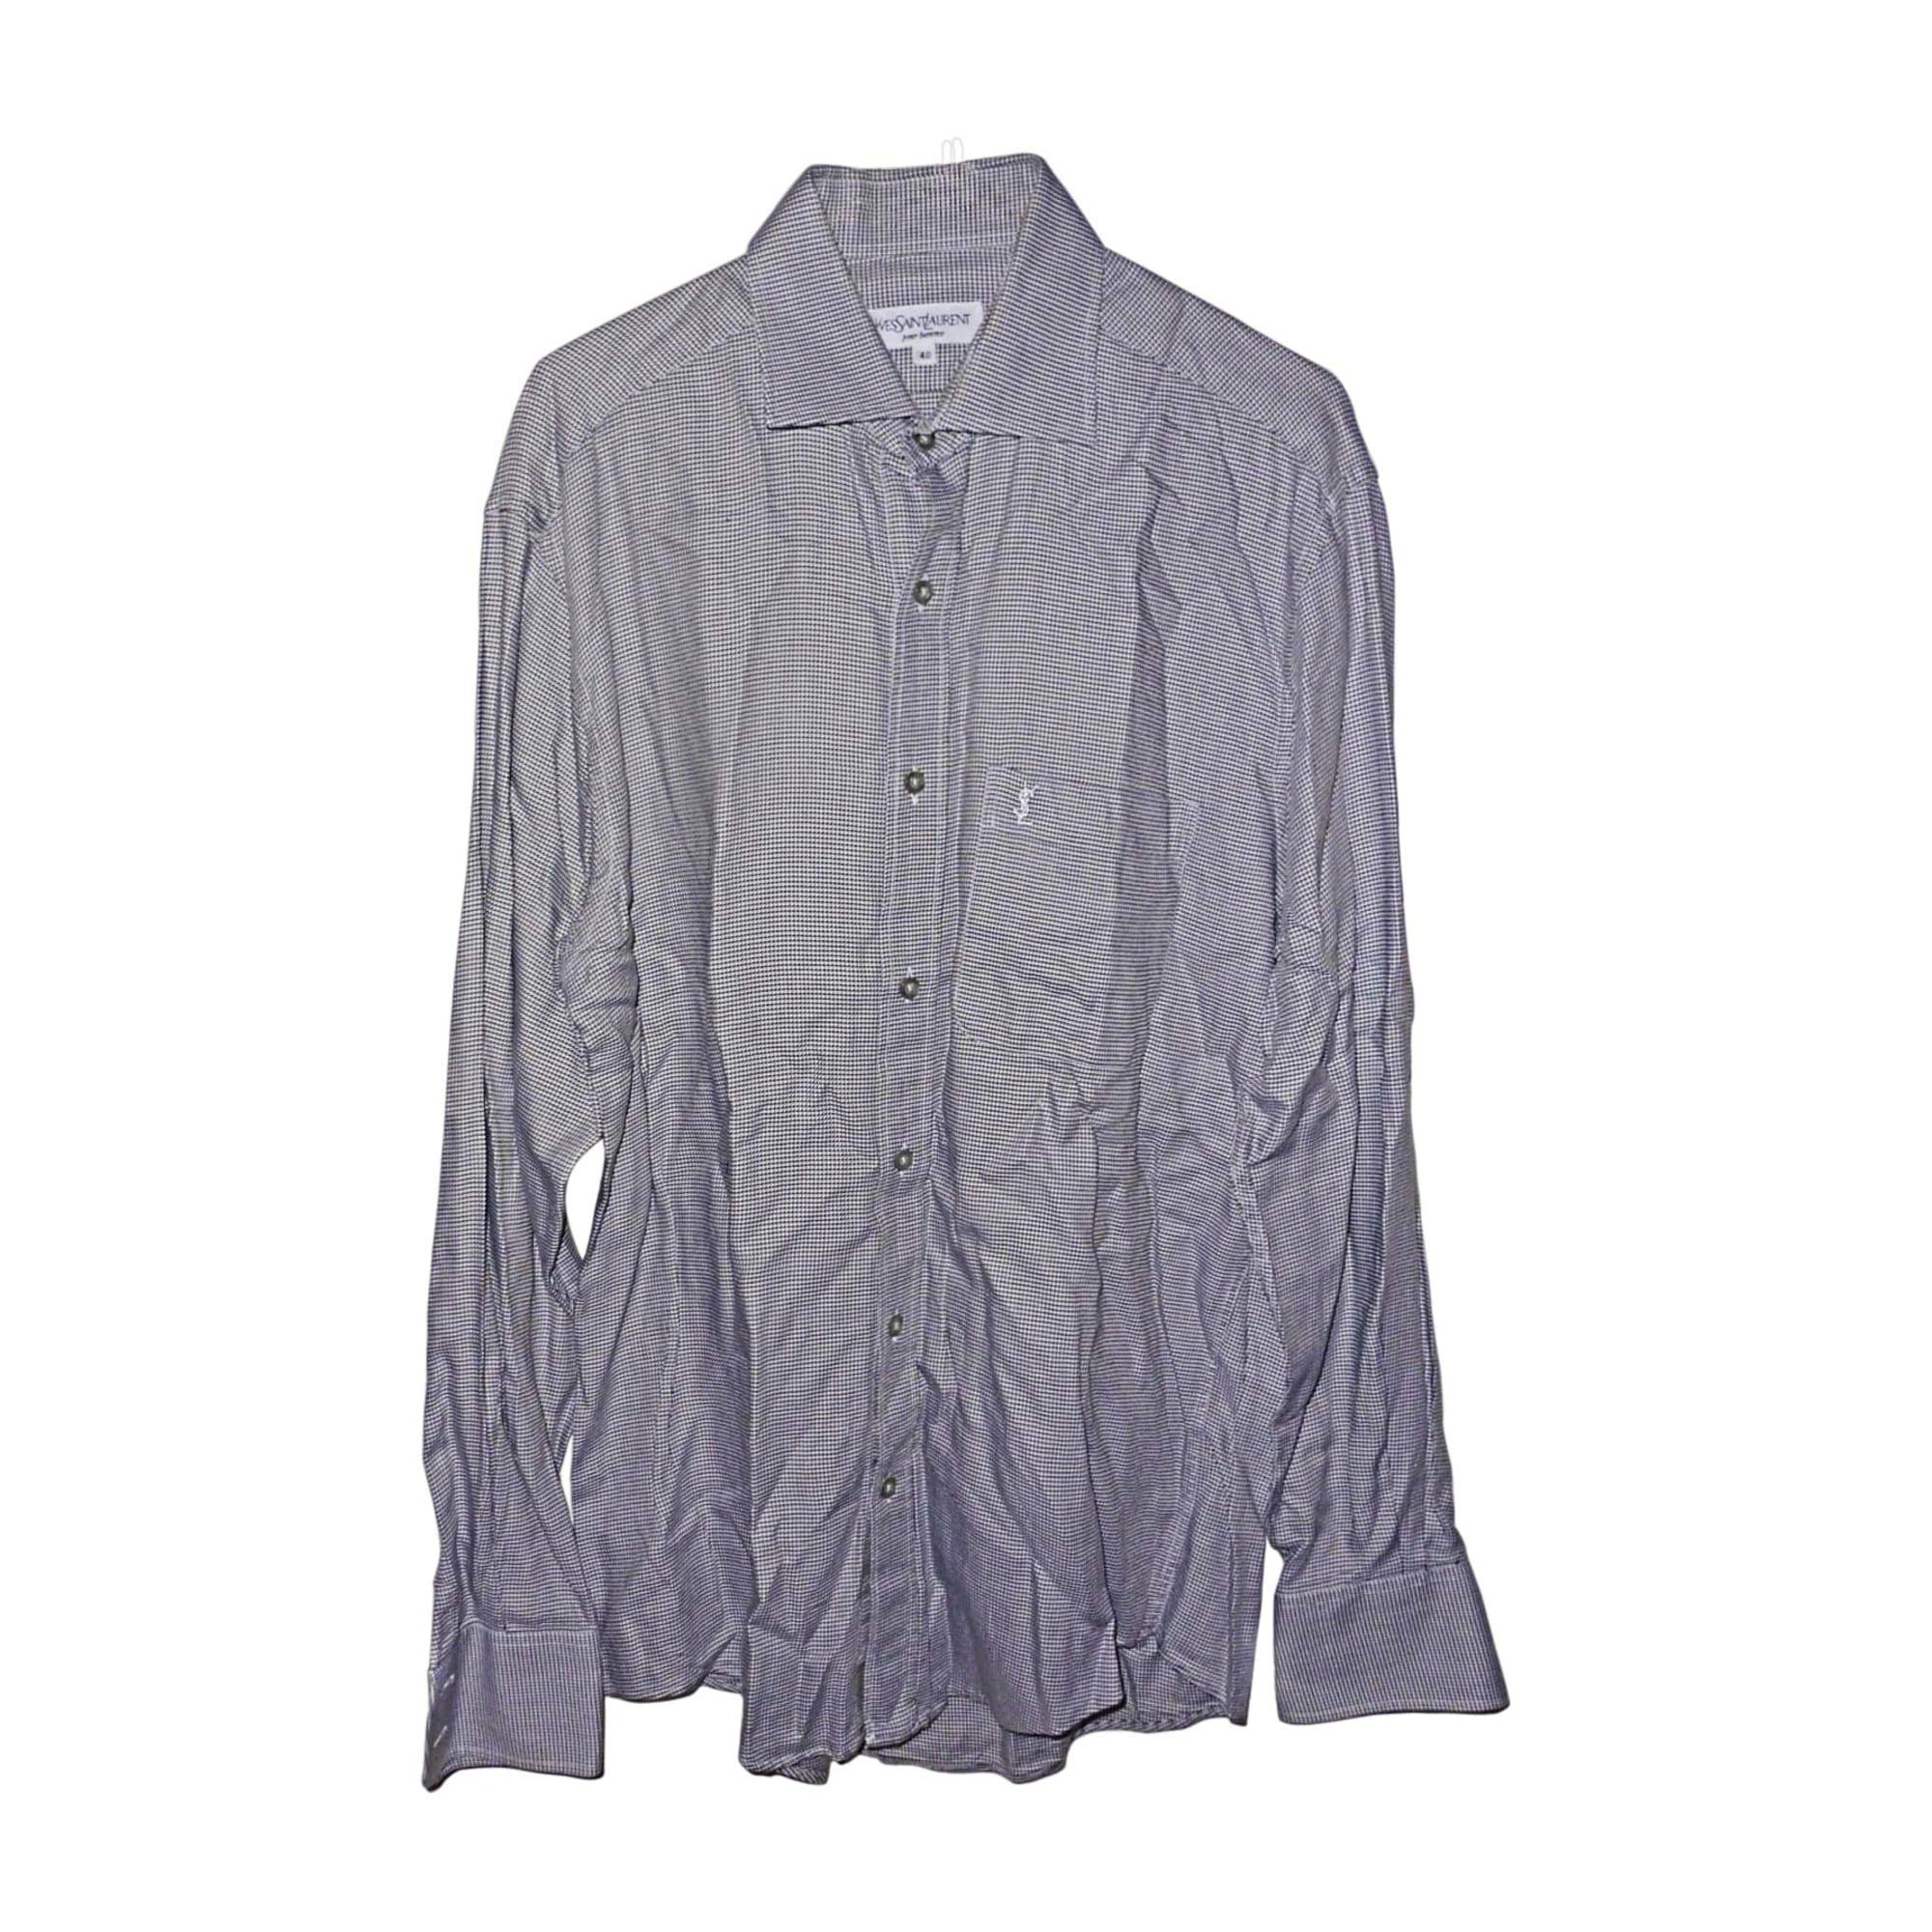 chemise yves saint laurent 39 40 m multicouleur 7045735. Black Bedroom Furniture Sets. Home Design Ideas